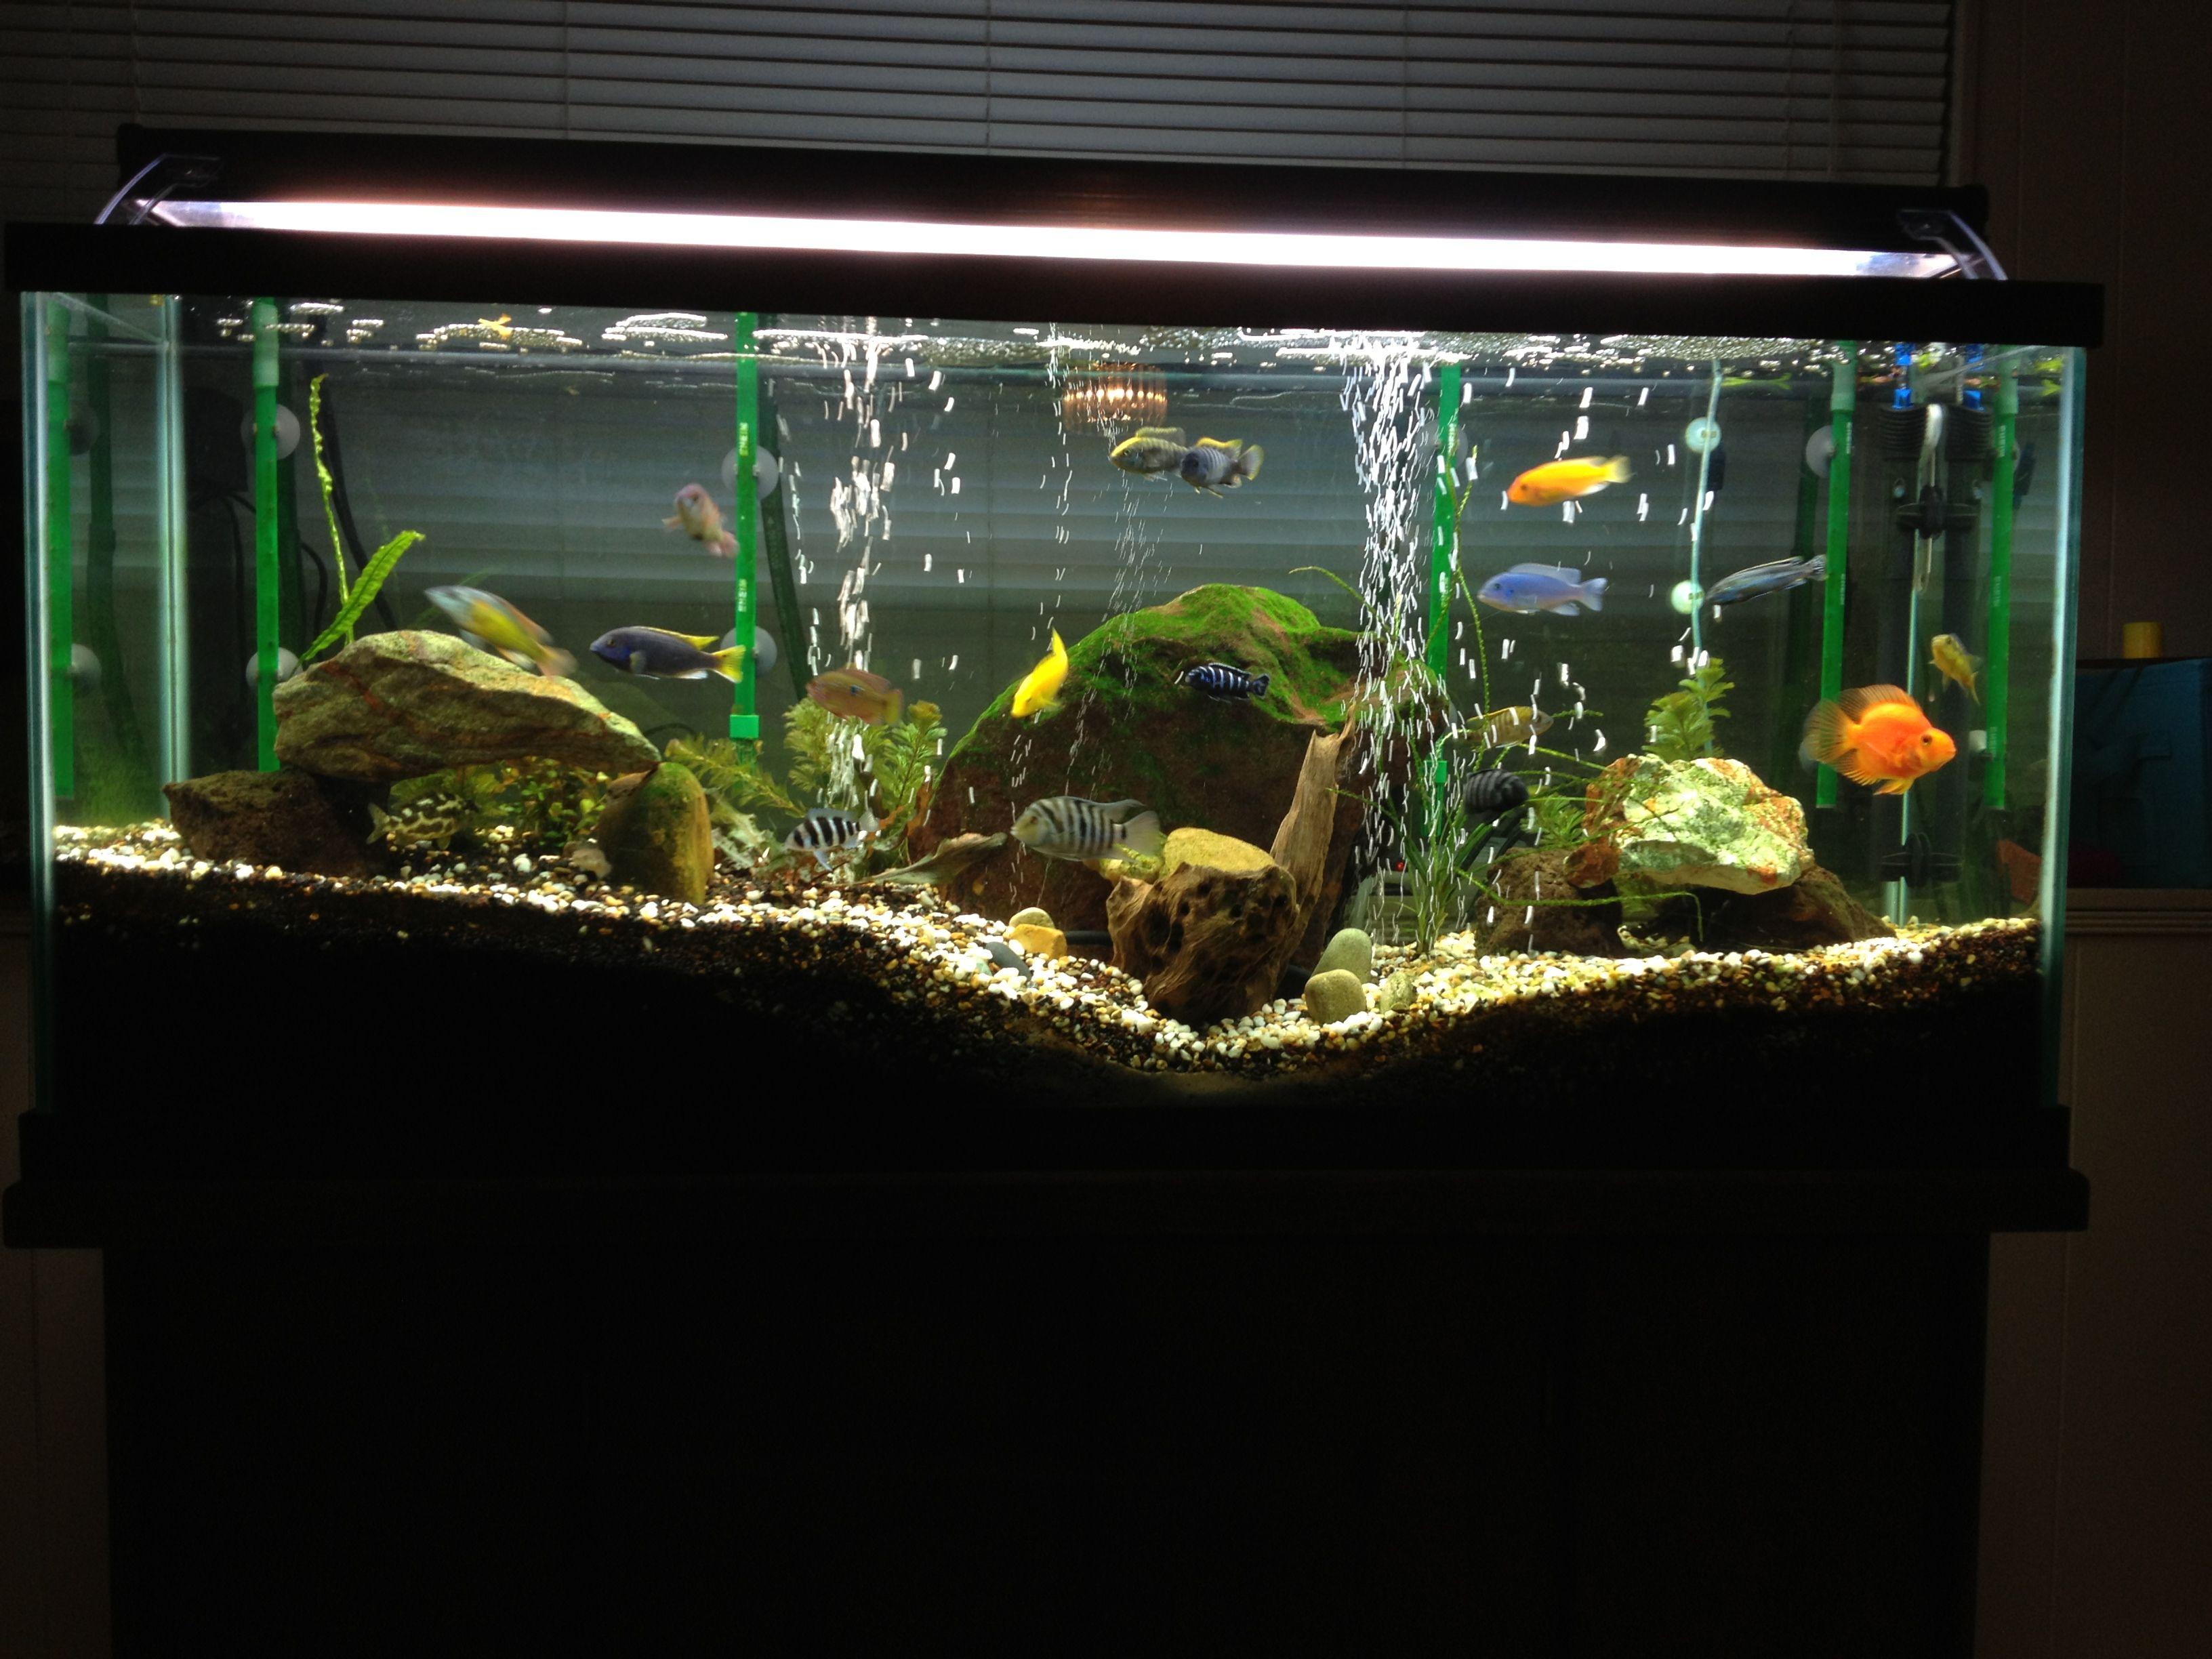 9694f34335707195e660bca2554eda8c Incroyable De Aquarium Deco Des Idées